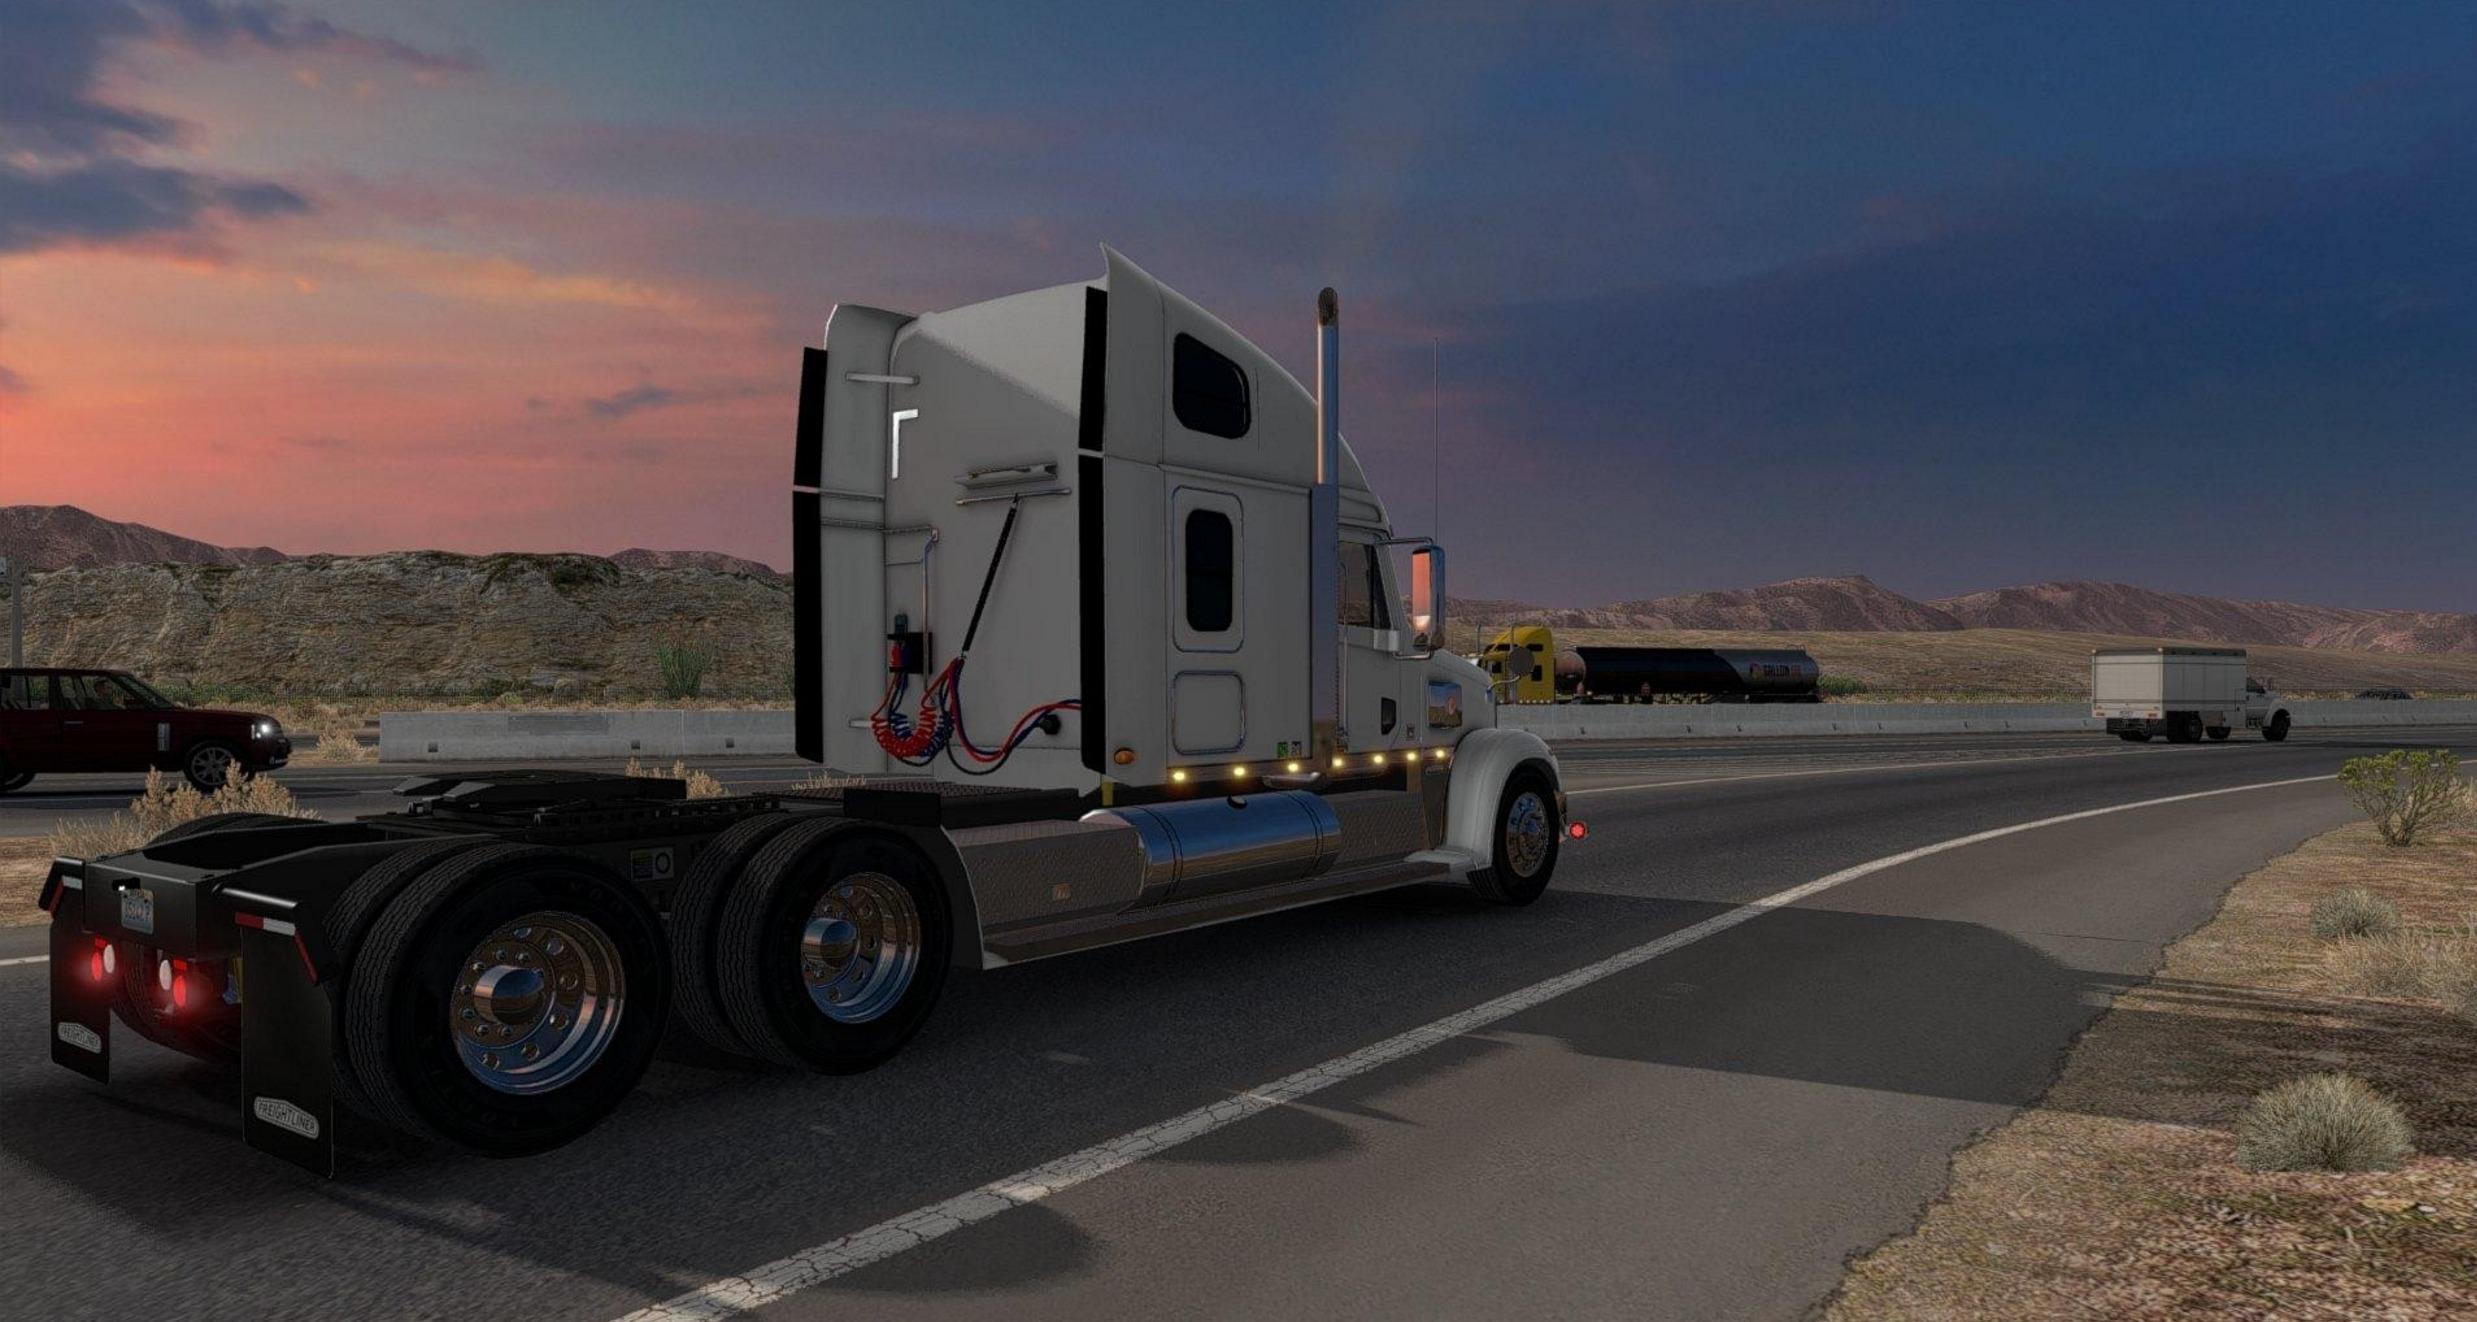 Freightliner-Coronado-Update-Truck-3.jpeg